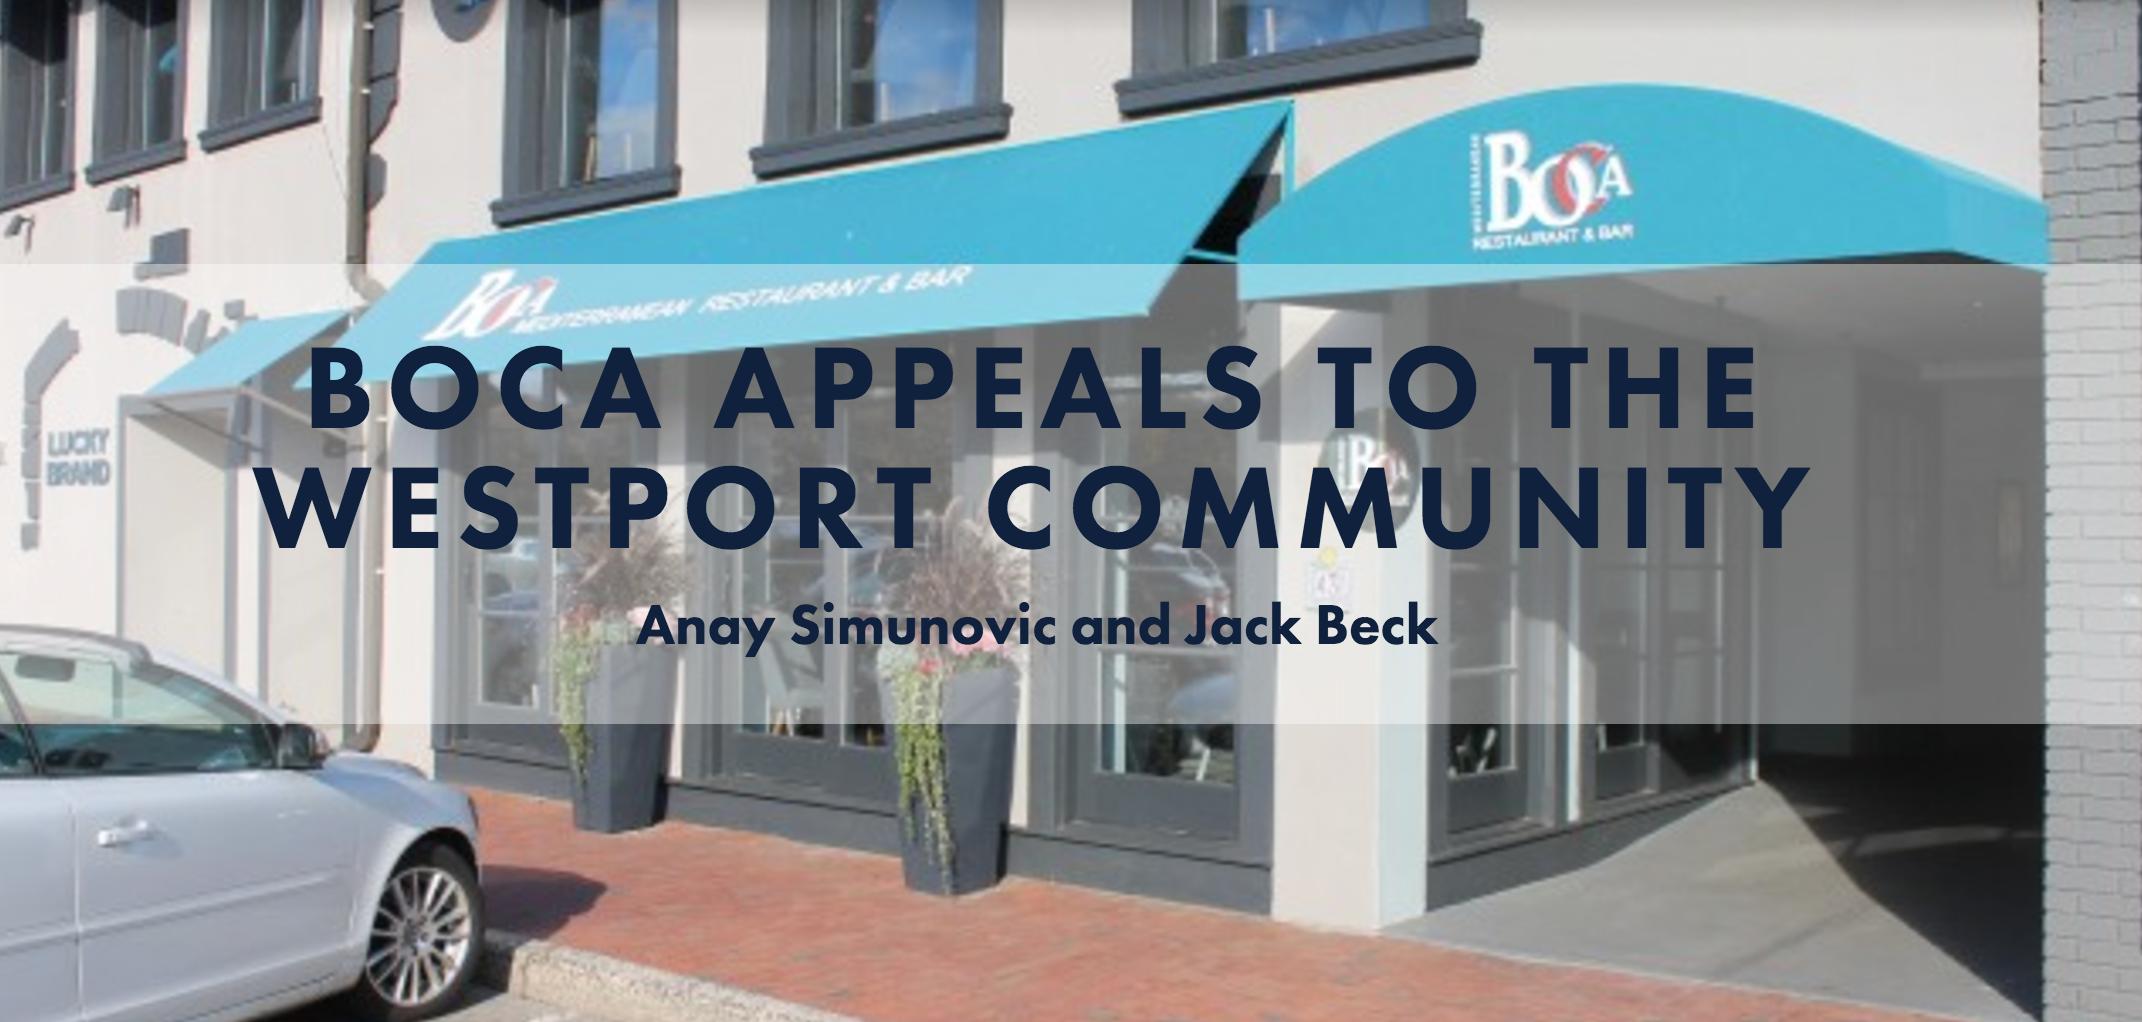 Boca appeals to the Westport community